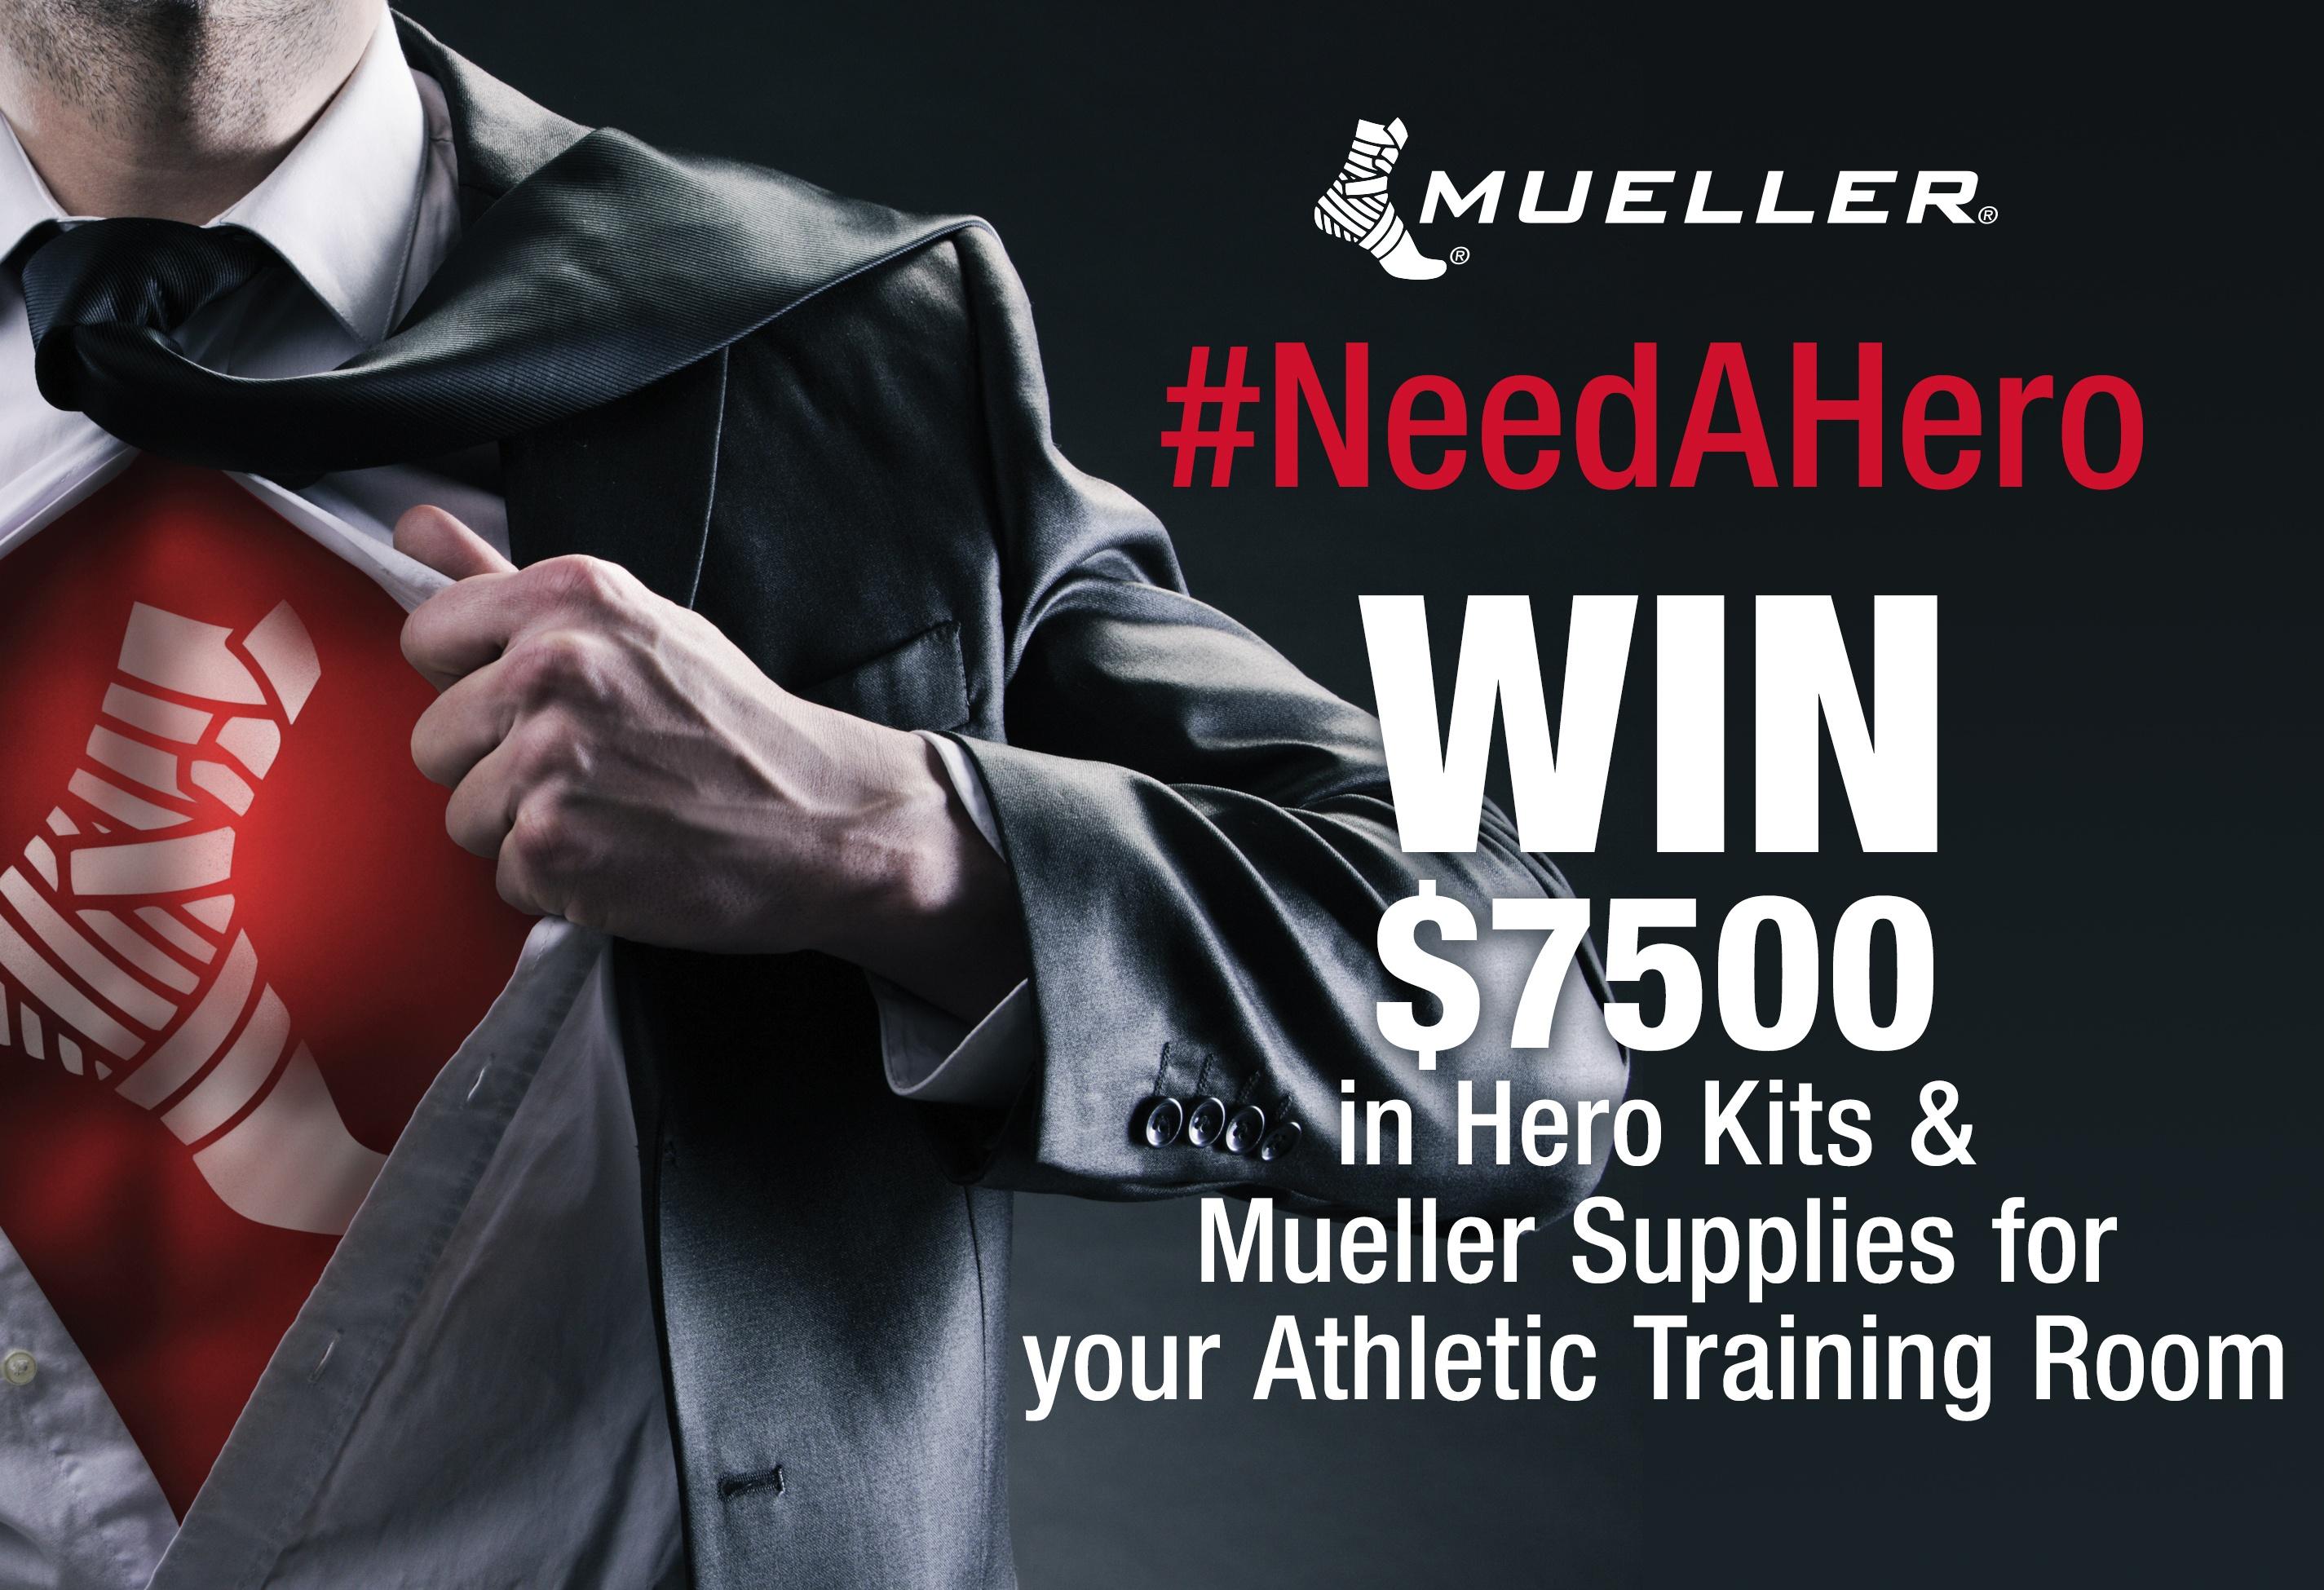 Mueller_hero_contest